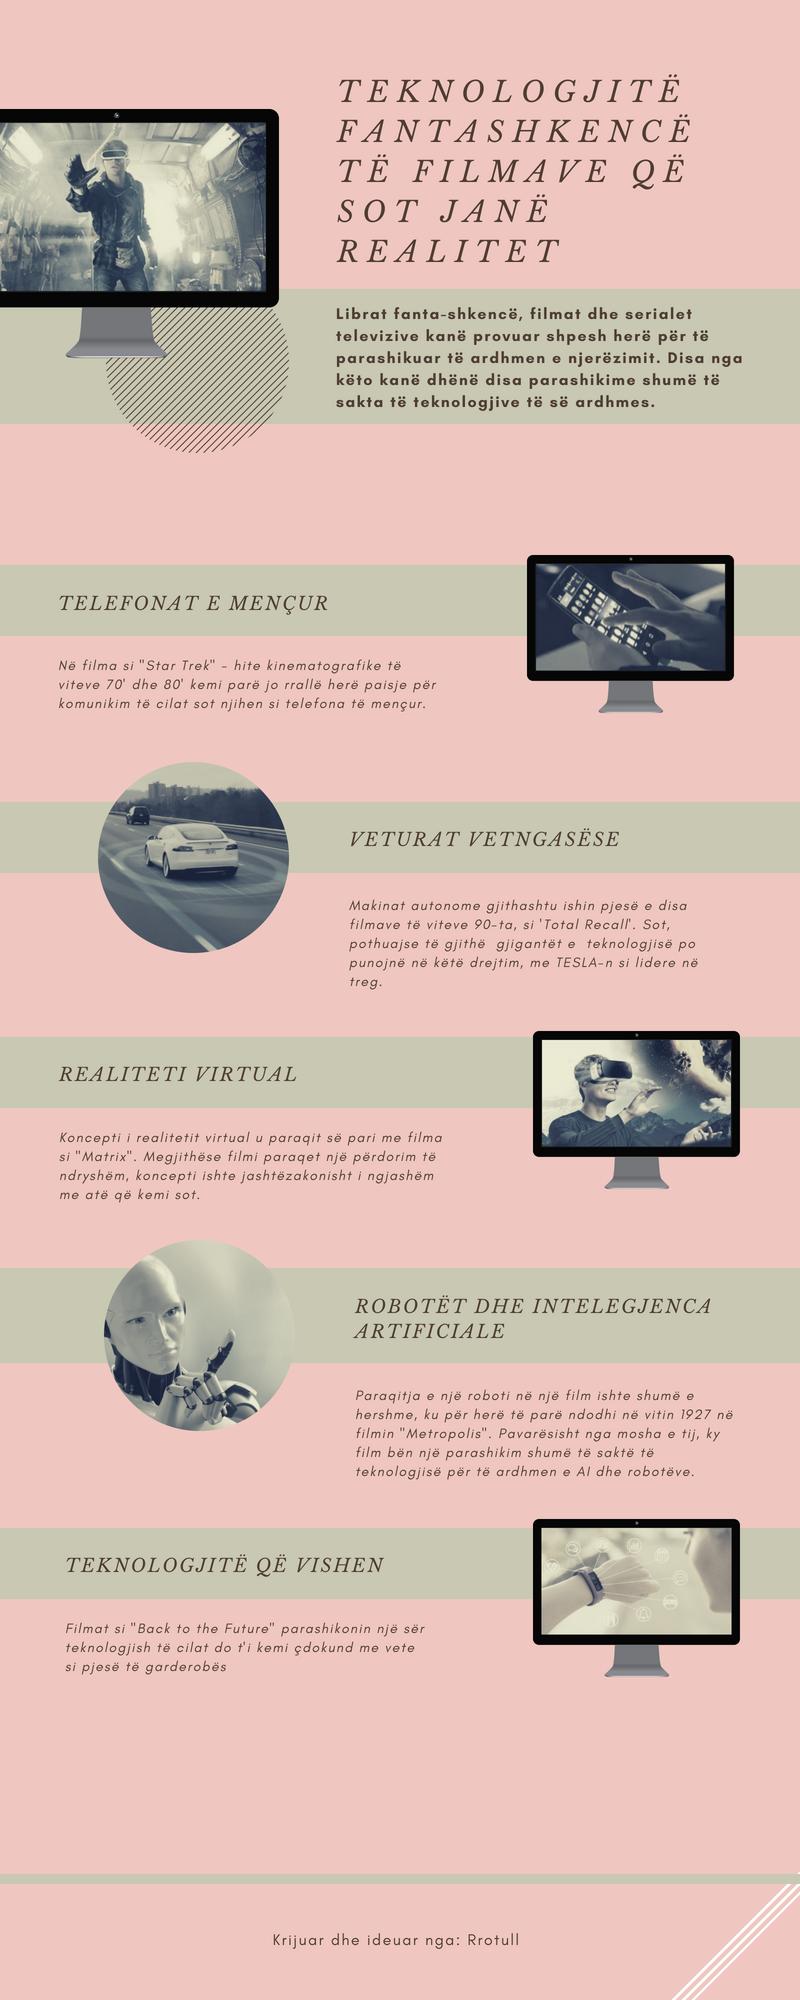 Teknologjitë të cilat konsideroheshin fantashkencë (1).png